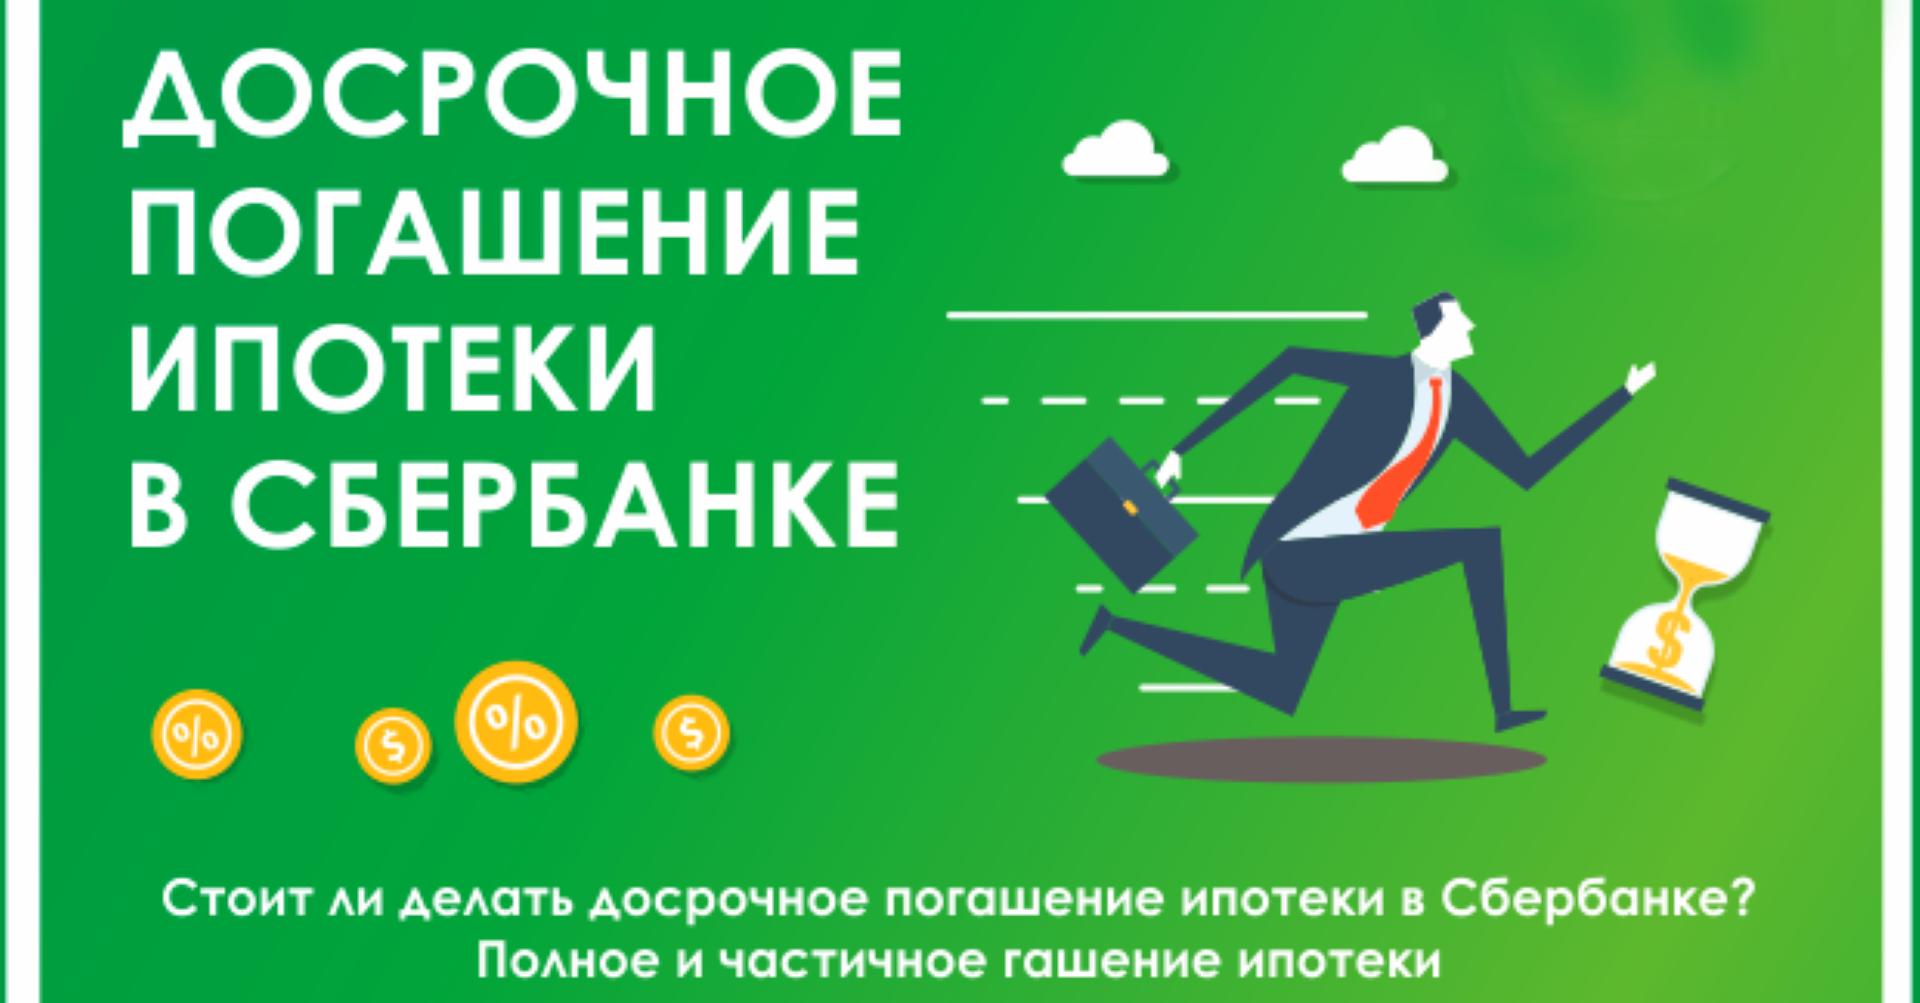 Микрозаймы в Москве и Санкт-Петербурге